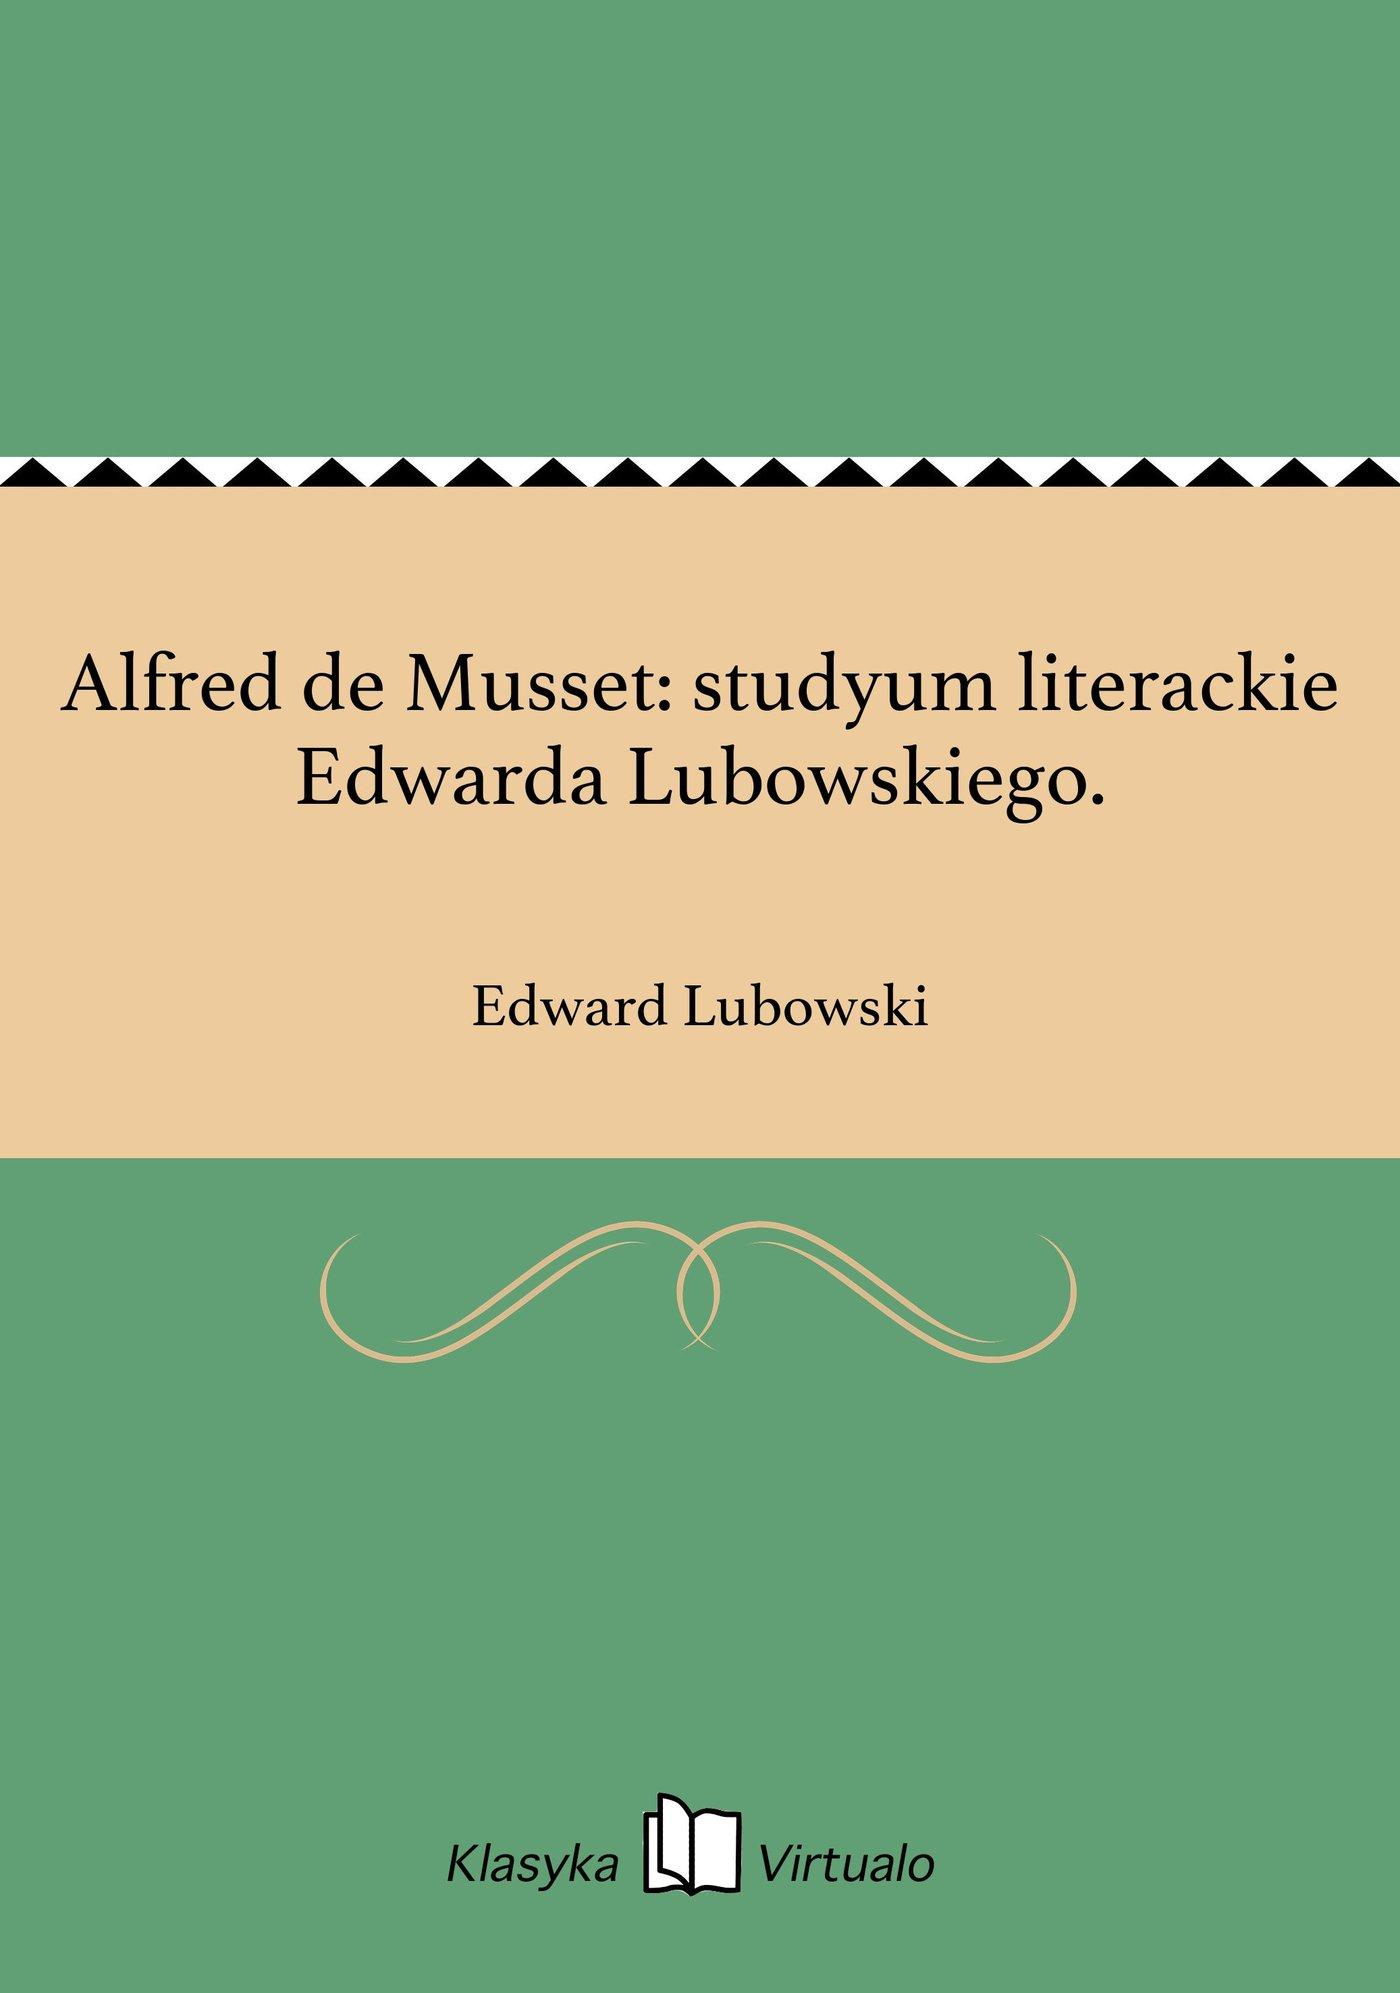 Alfred de Musset: studyum literackie Edwarda Lubowskiego. - Ebook (Książka EPUB) do pobrania w formacie EPUB